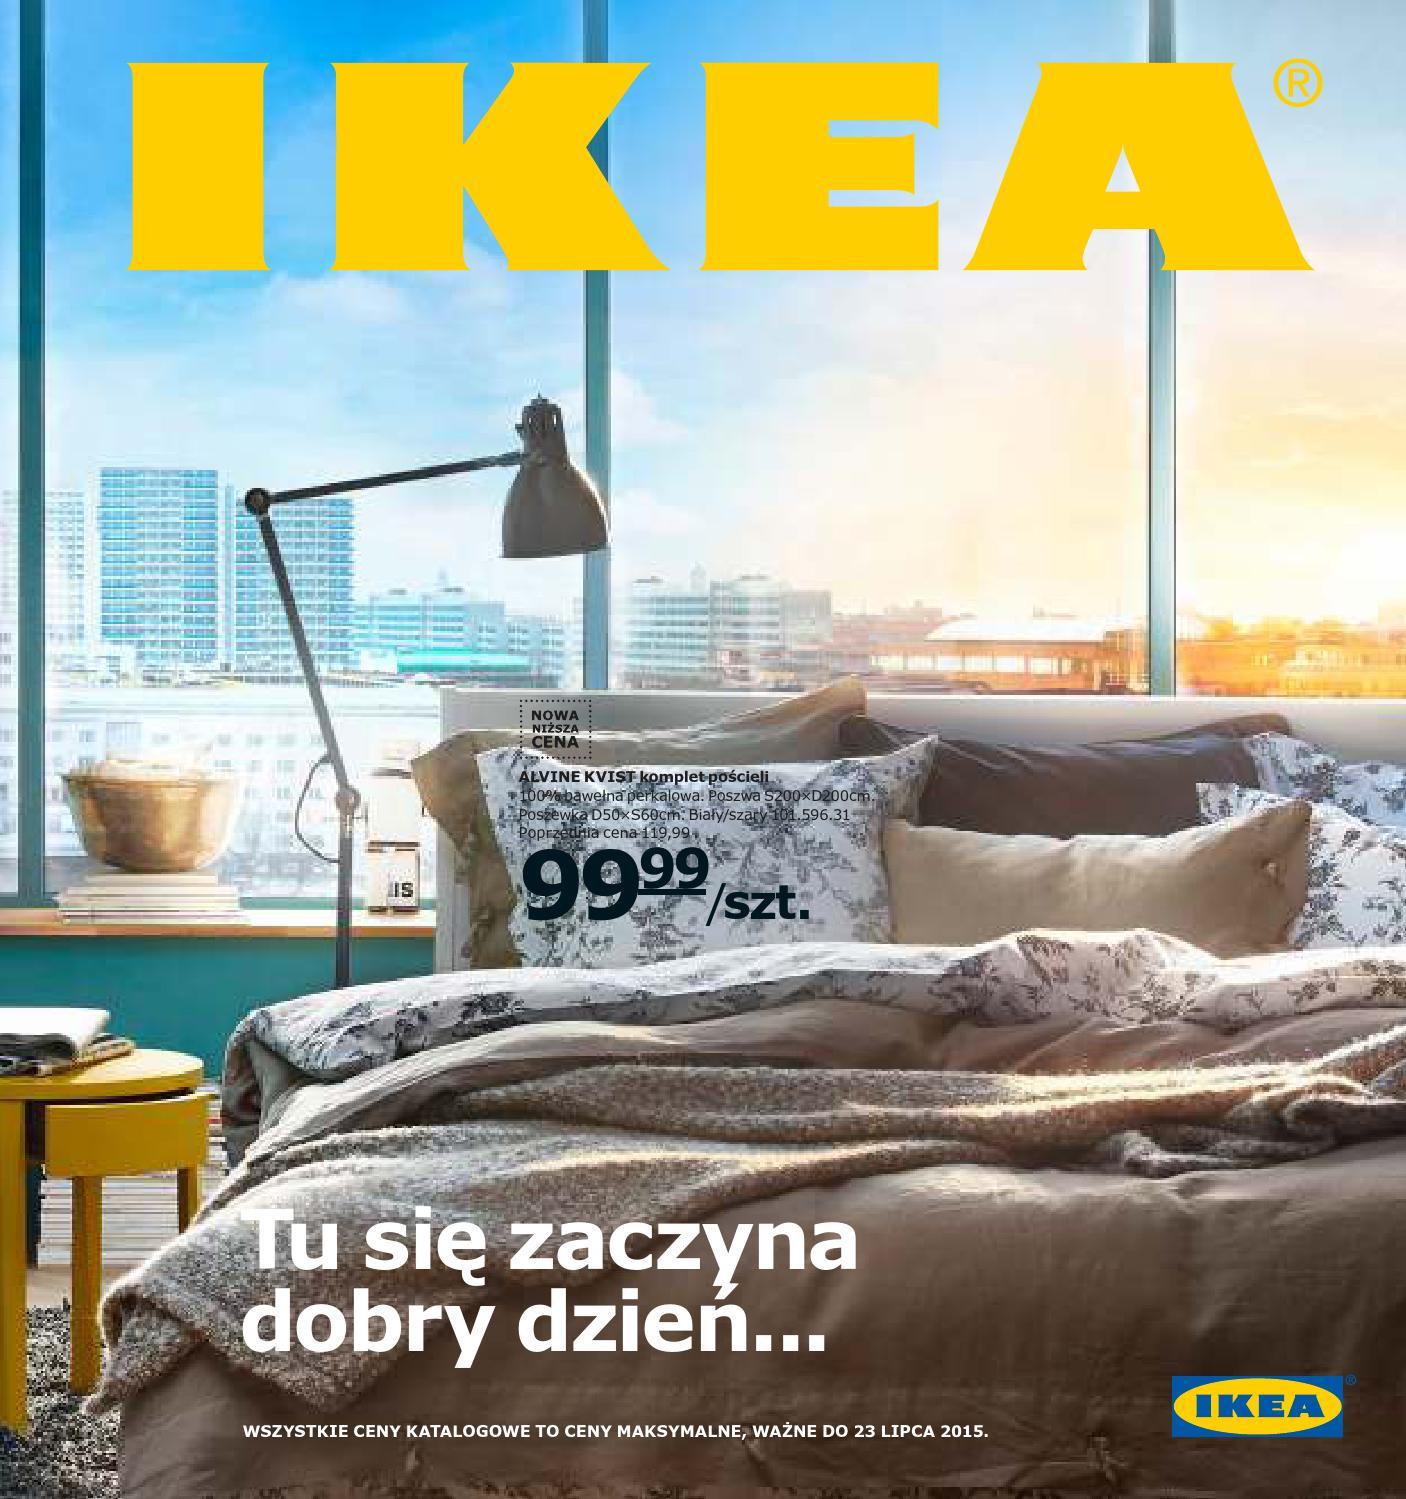 Ikea Katalog 2015 By Iulotkapl Issuu